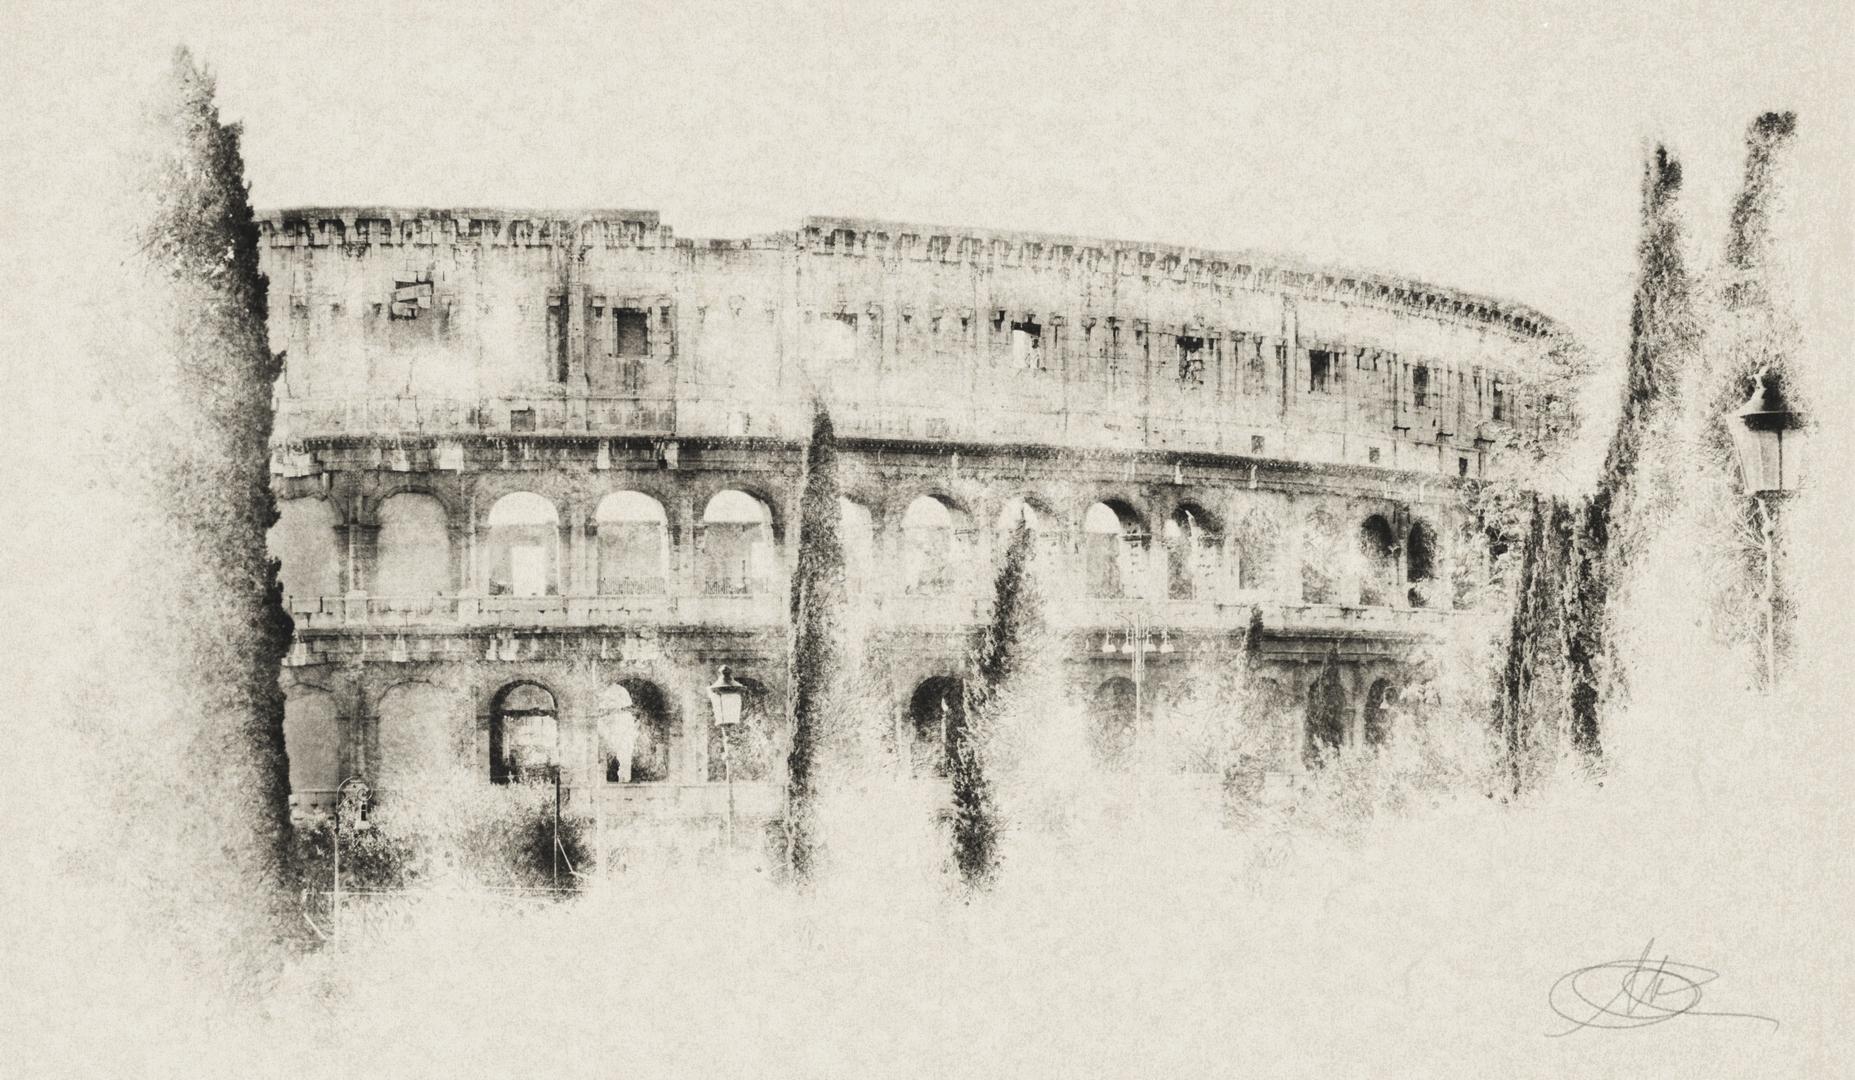 Fotografia in Roma - Il Colosseo visto dal parco della Domus Aurea - Michele Settembre